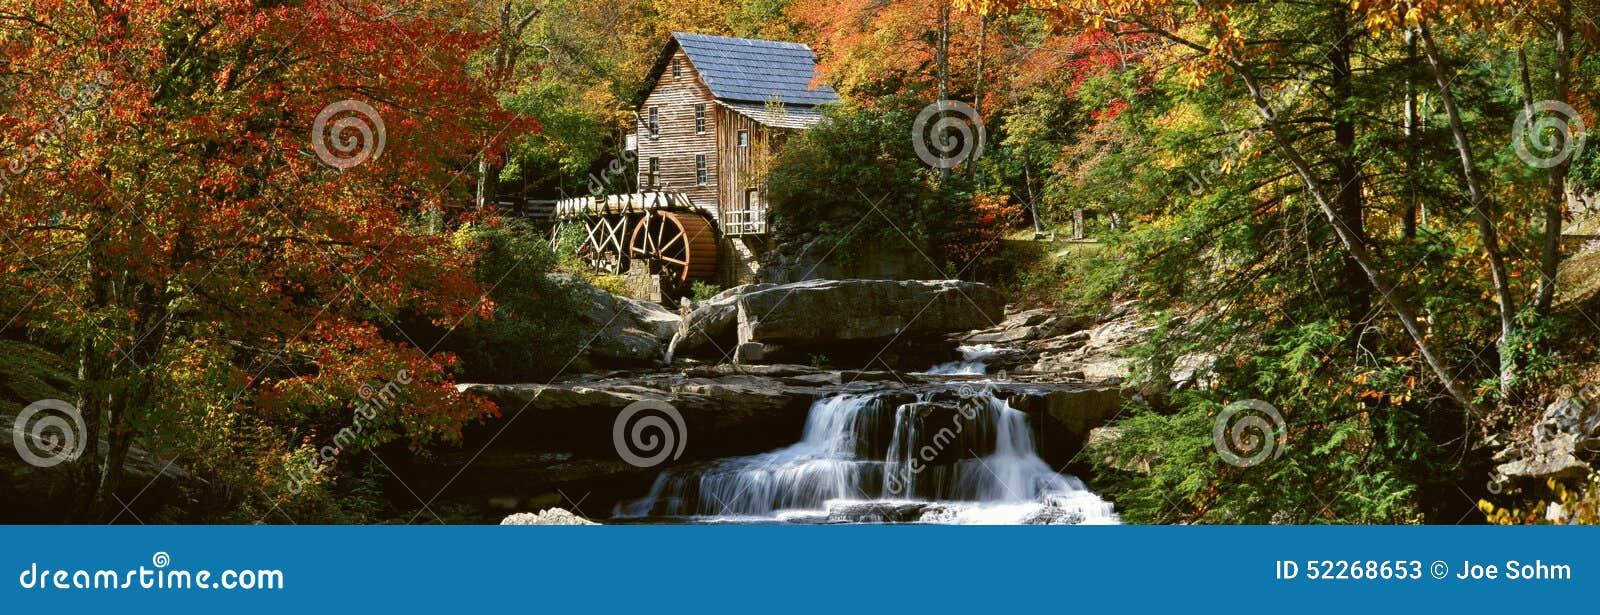 Panorama- av gläntaliten vikmäld Mil och höstreflexioner och vattenfall i den Babcock delstatsparken, WV